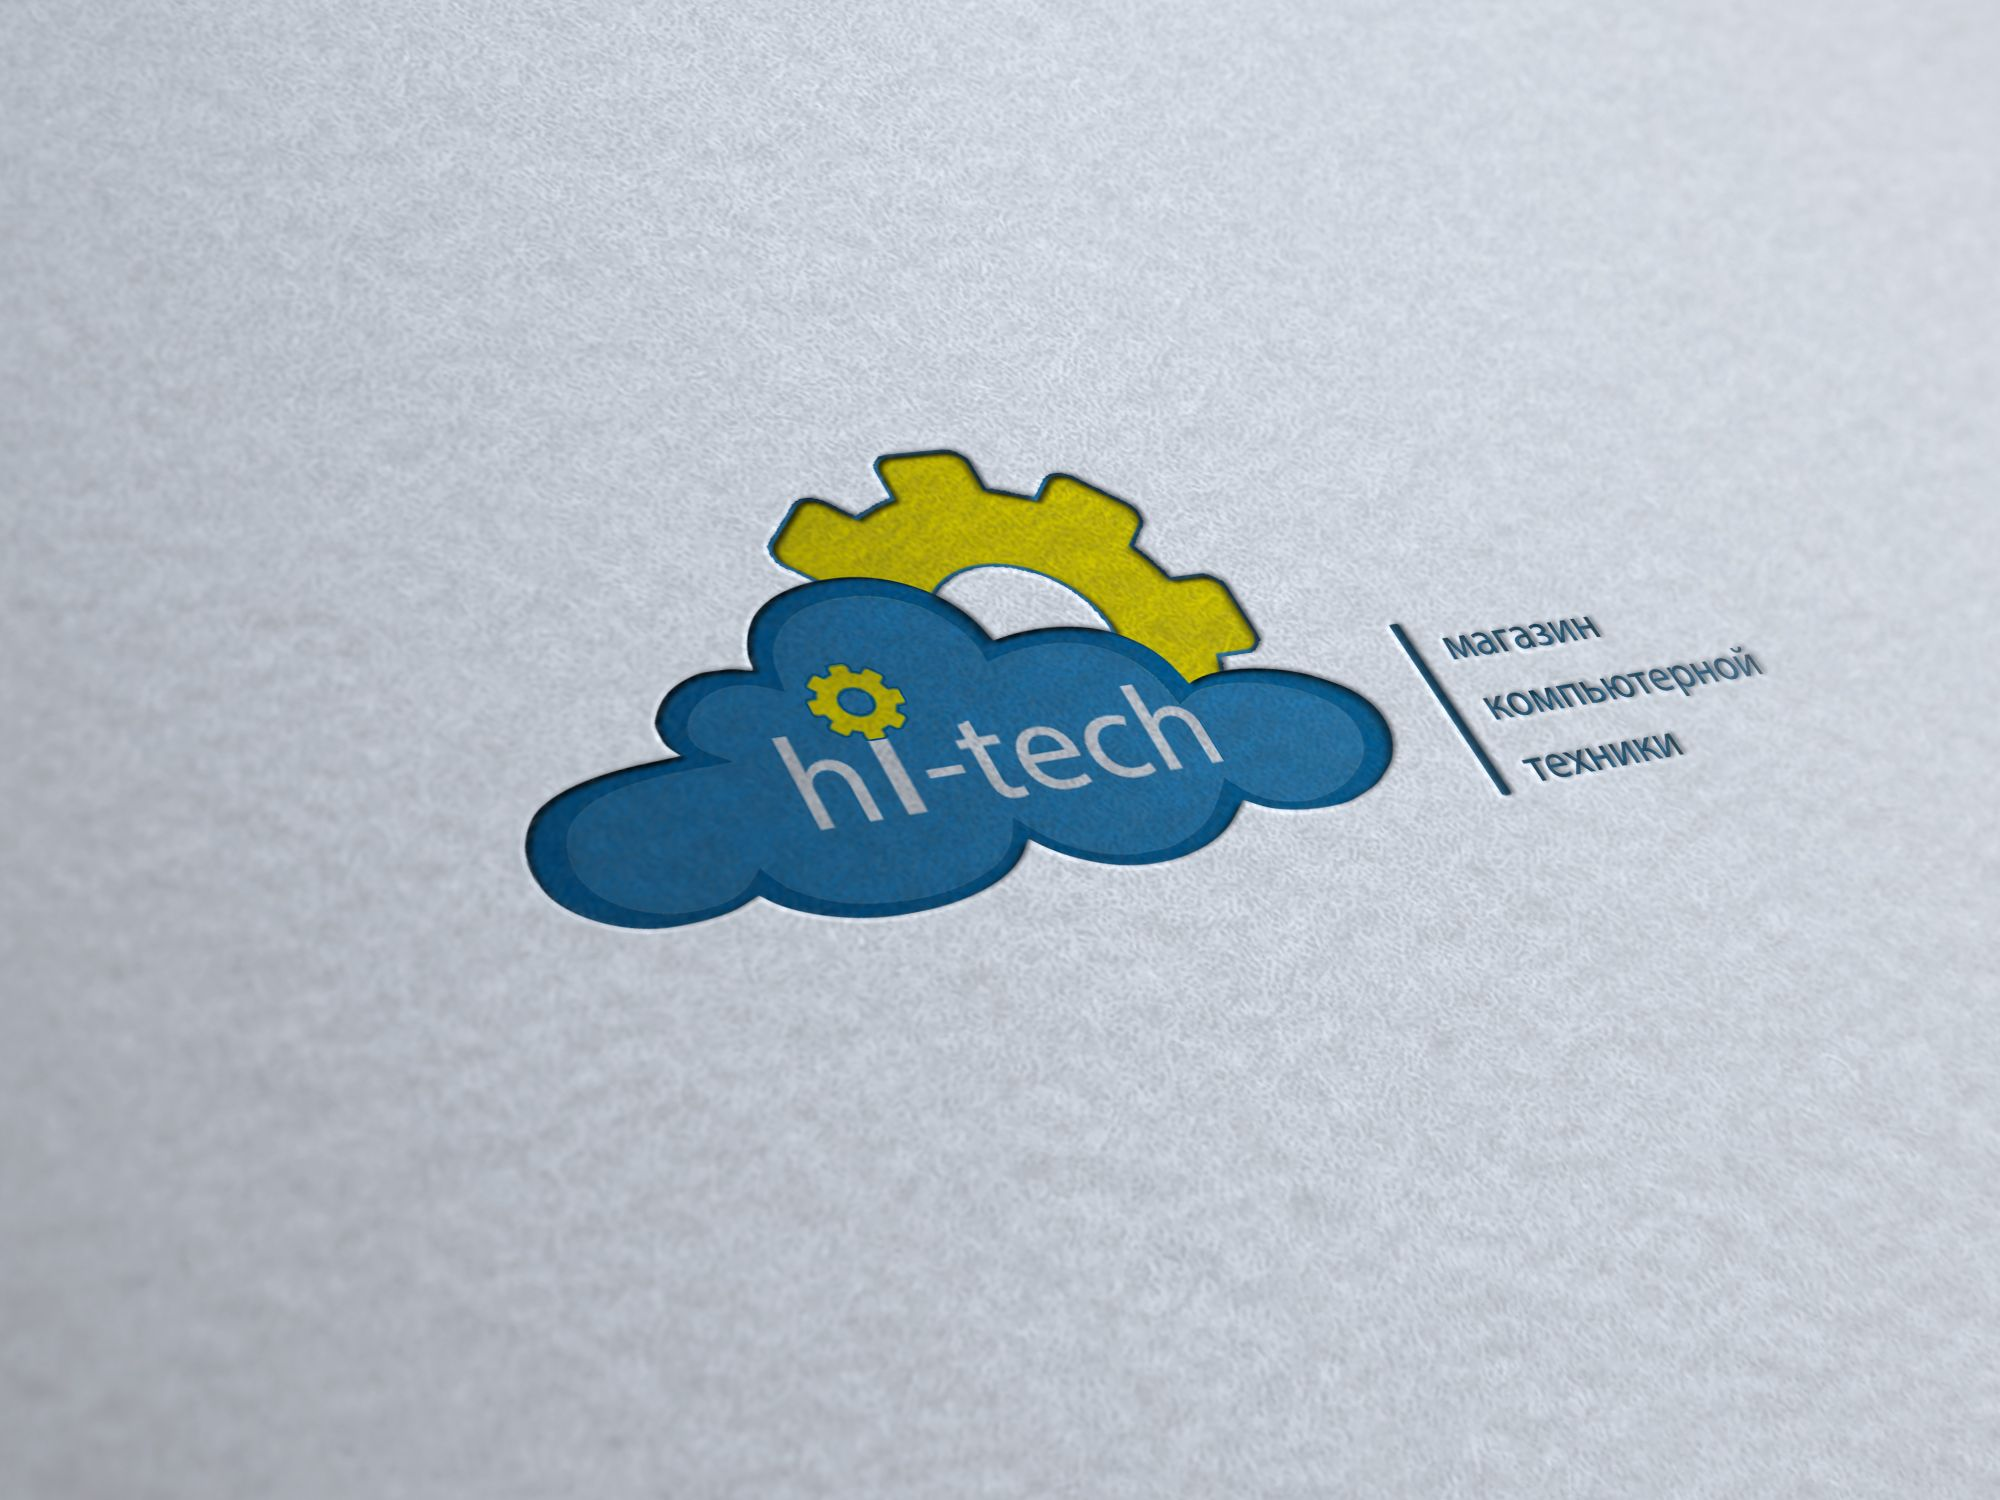 Логотип для Hi-Tech - дизайнер sdalex777